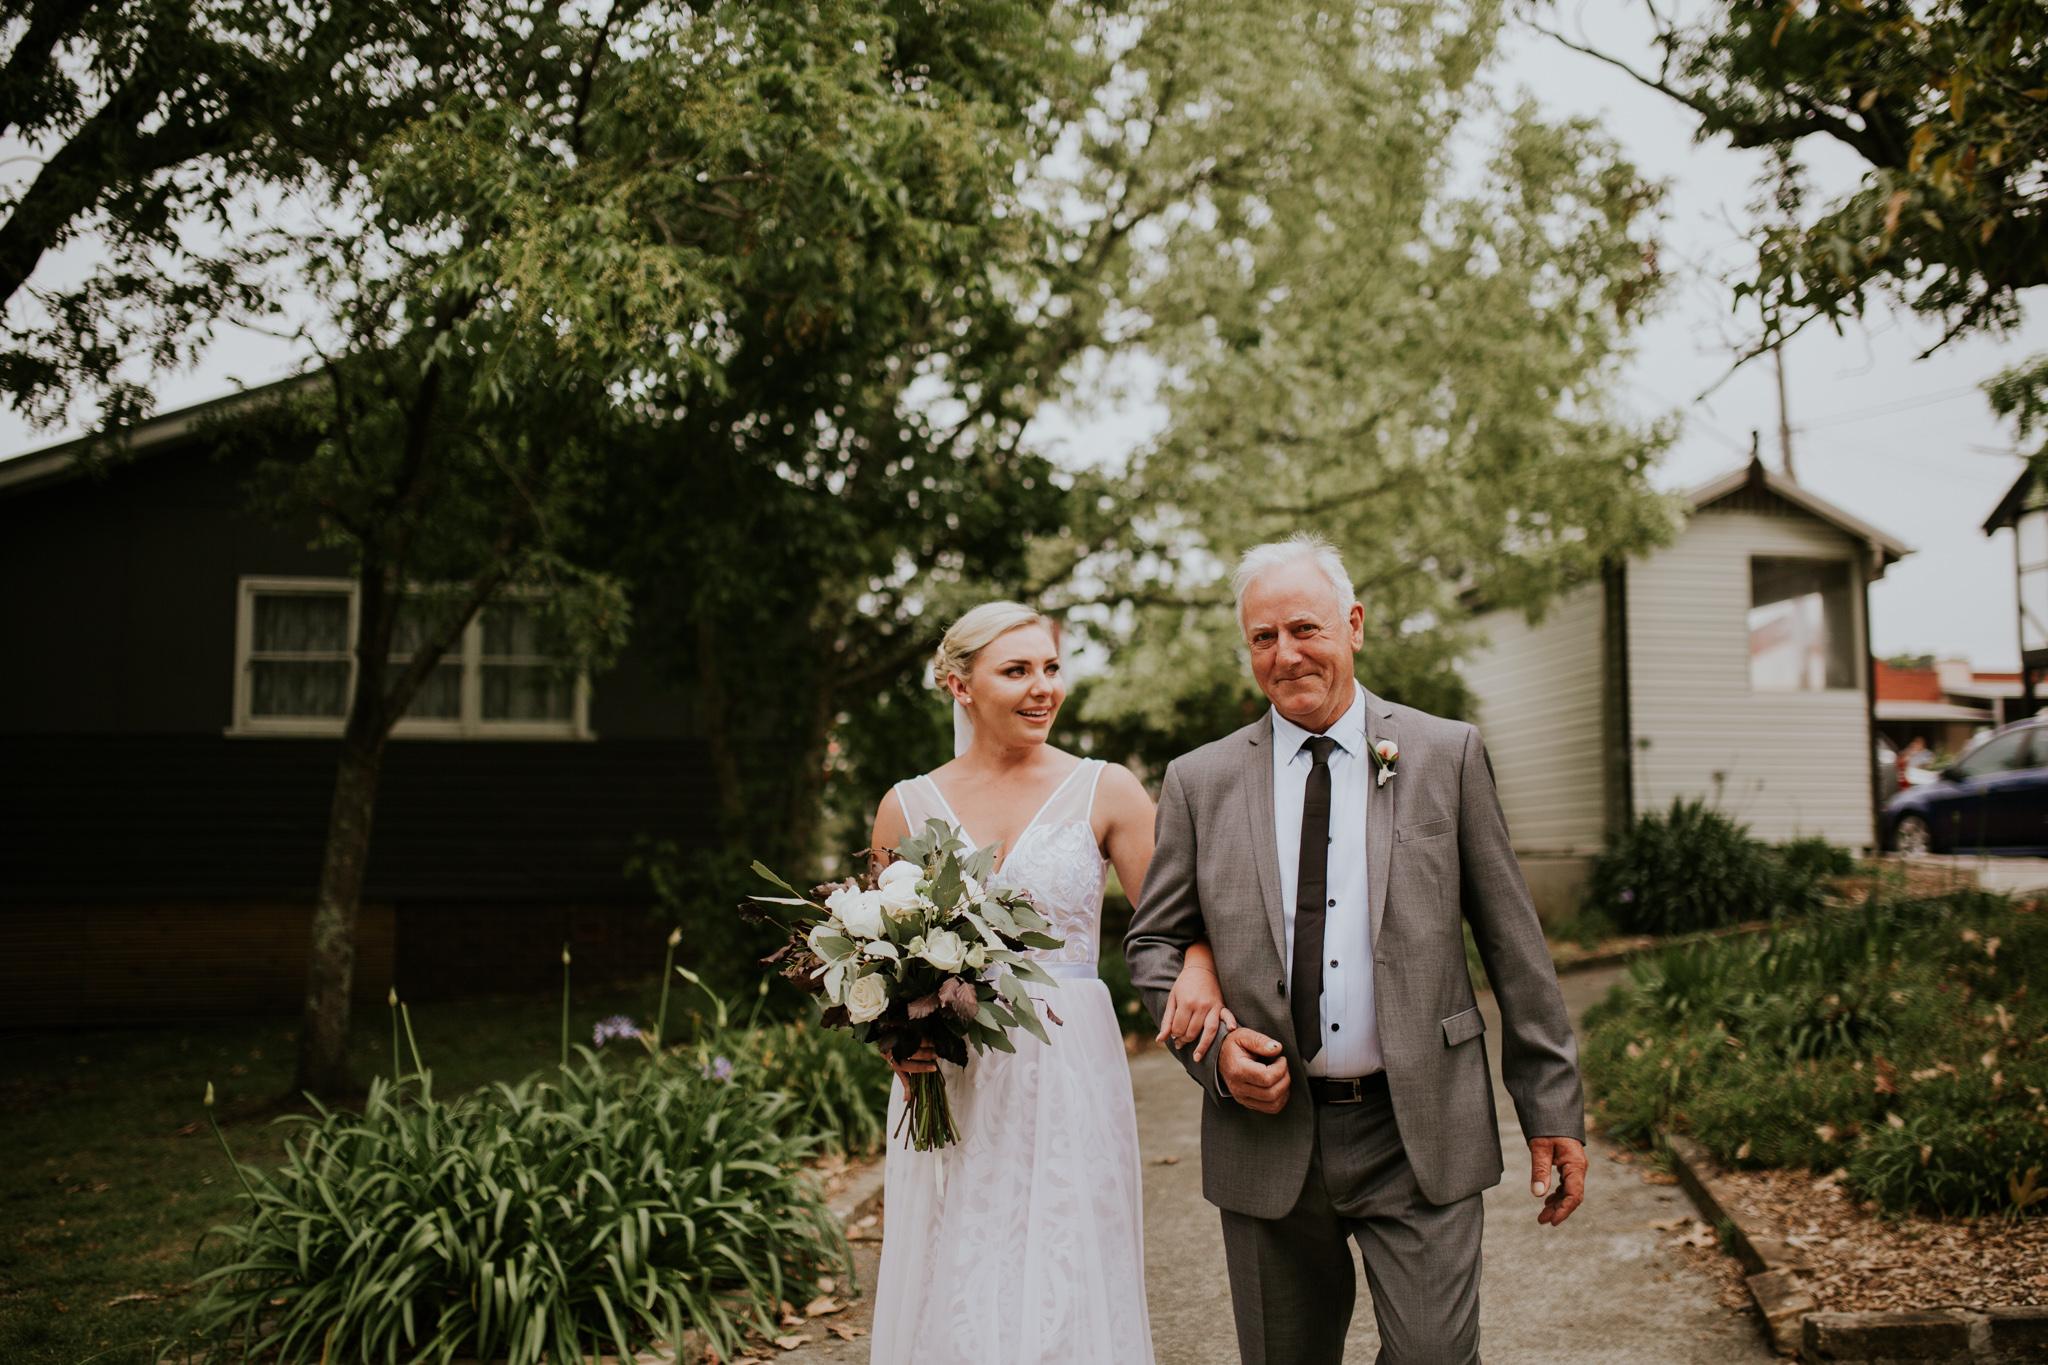 Lucy+Kyle+Kiama+Sebel+wedding-58.jpg